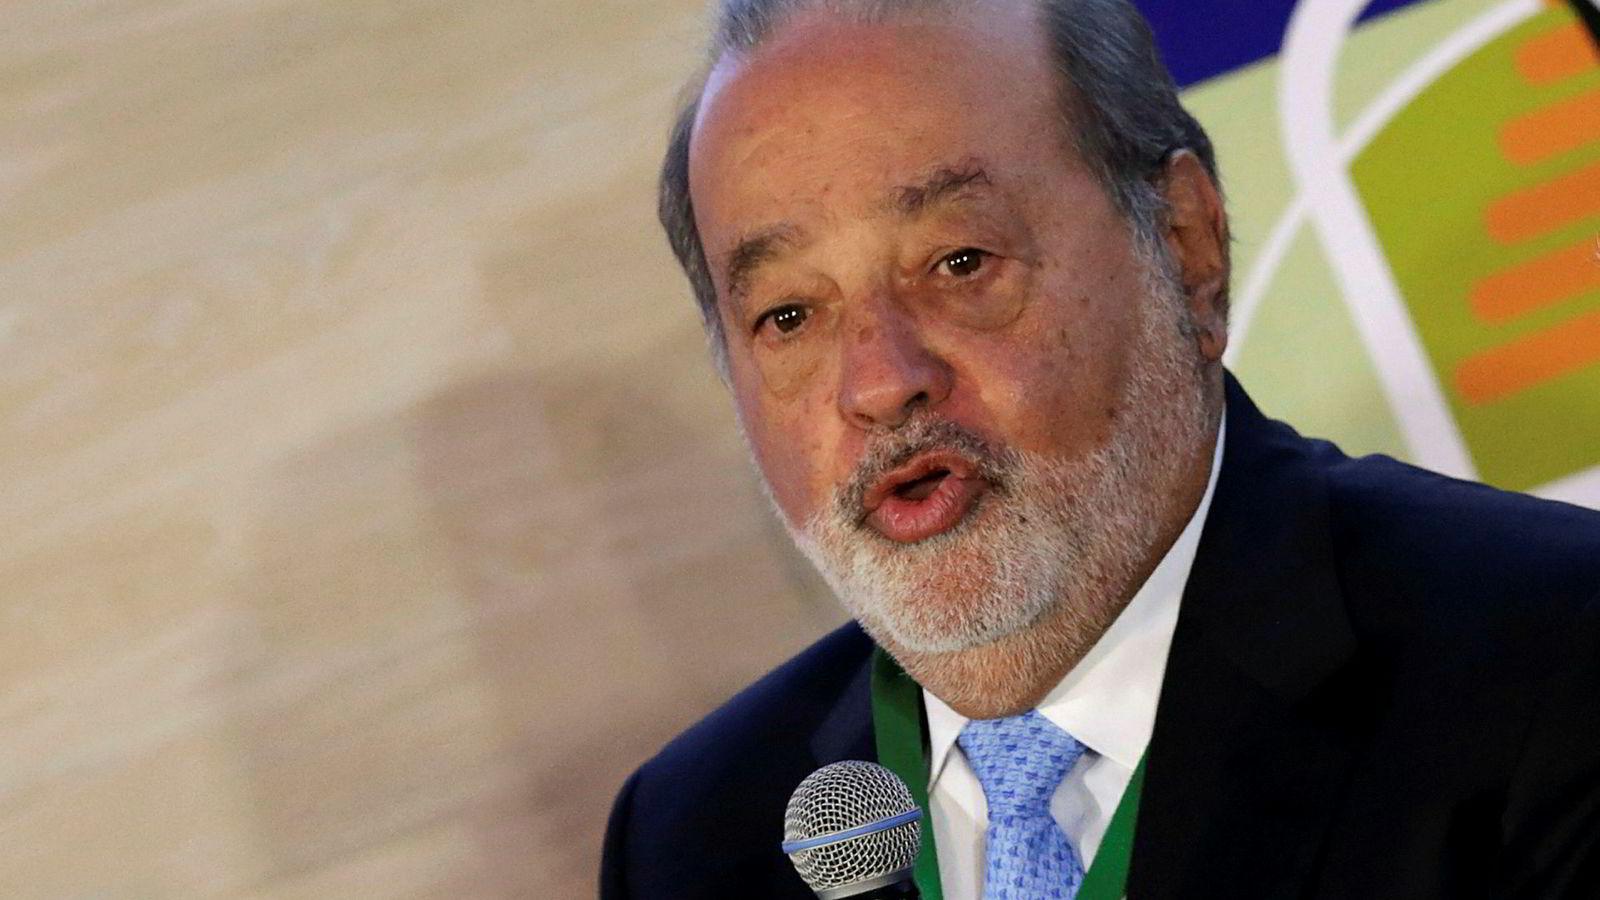 Carlos Slim er en av verdens åtte rikeste. Disse åtte eier nå like mye som den fattigste halvparten av verdens befolkning.